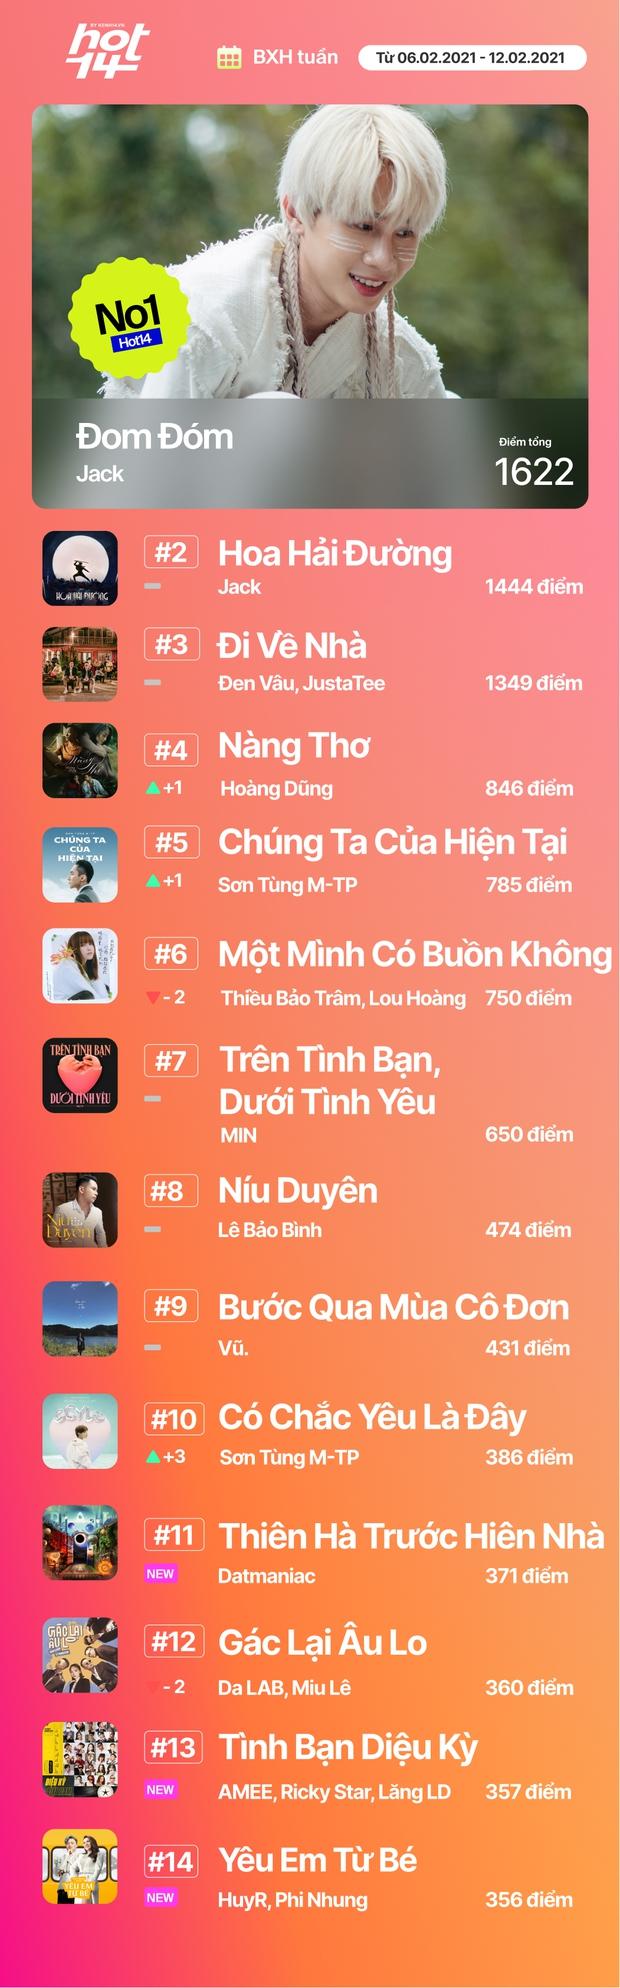 Sơn Tùng phục hồi thứ hạng vượt Thiều Bảo Trâm; Tình Bạn Diệu Kỳ của AMEE, Ricky Star và màn collab của Phi Nhung, HuyR tiến thẳng vào HOT14 - Ảnh 19.